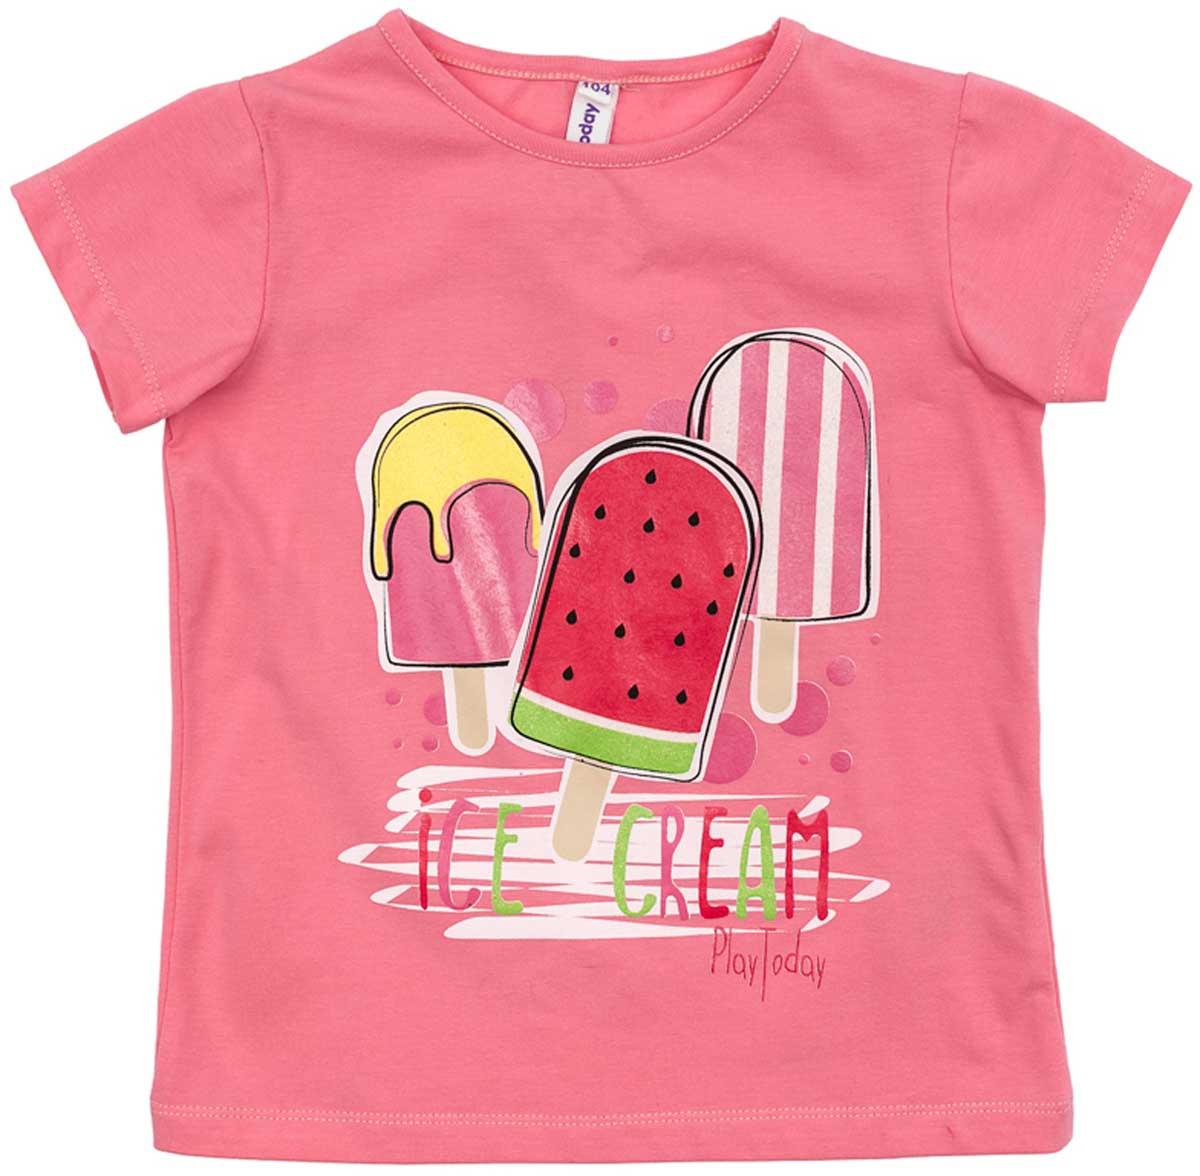 Фото Футболка для девочки PlayToday, цвет: розовый, красный, желтый, светло-зеленый. 172163. Размер 128. Купить  в РФ